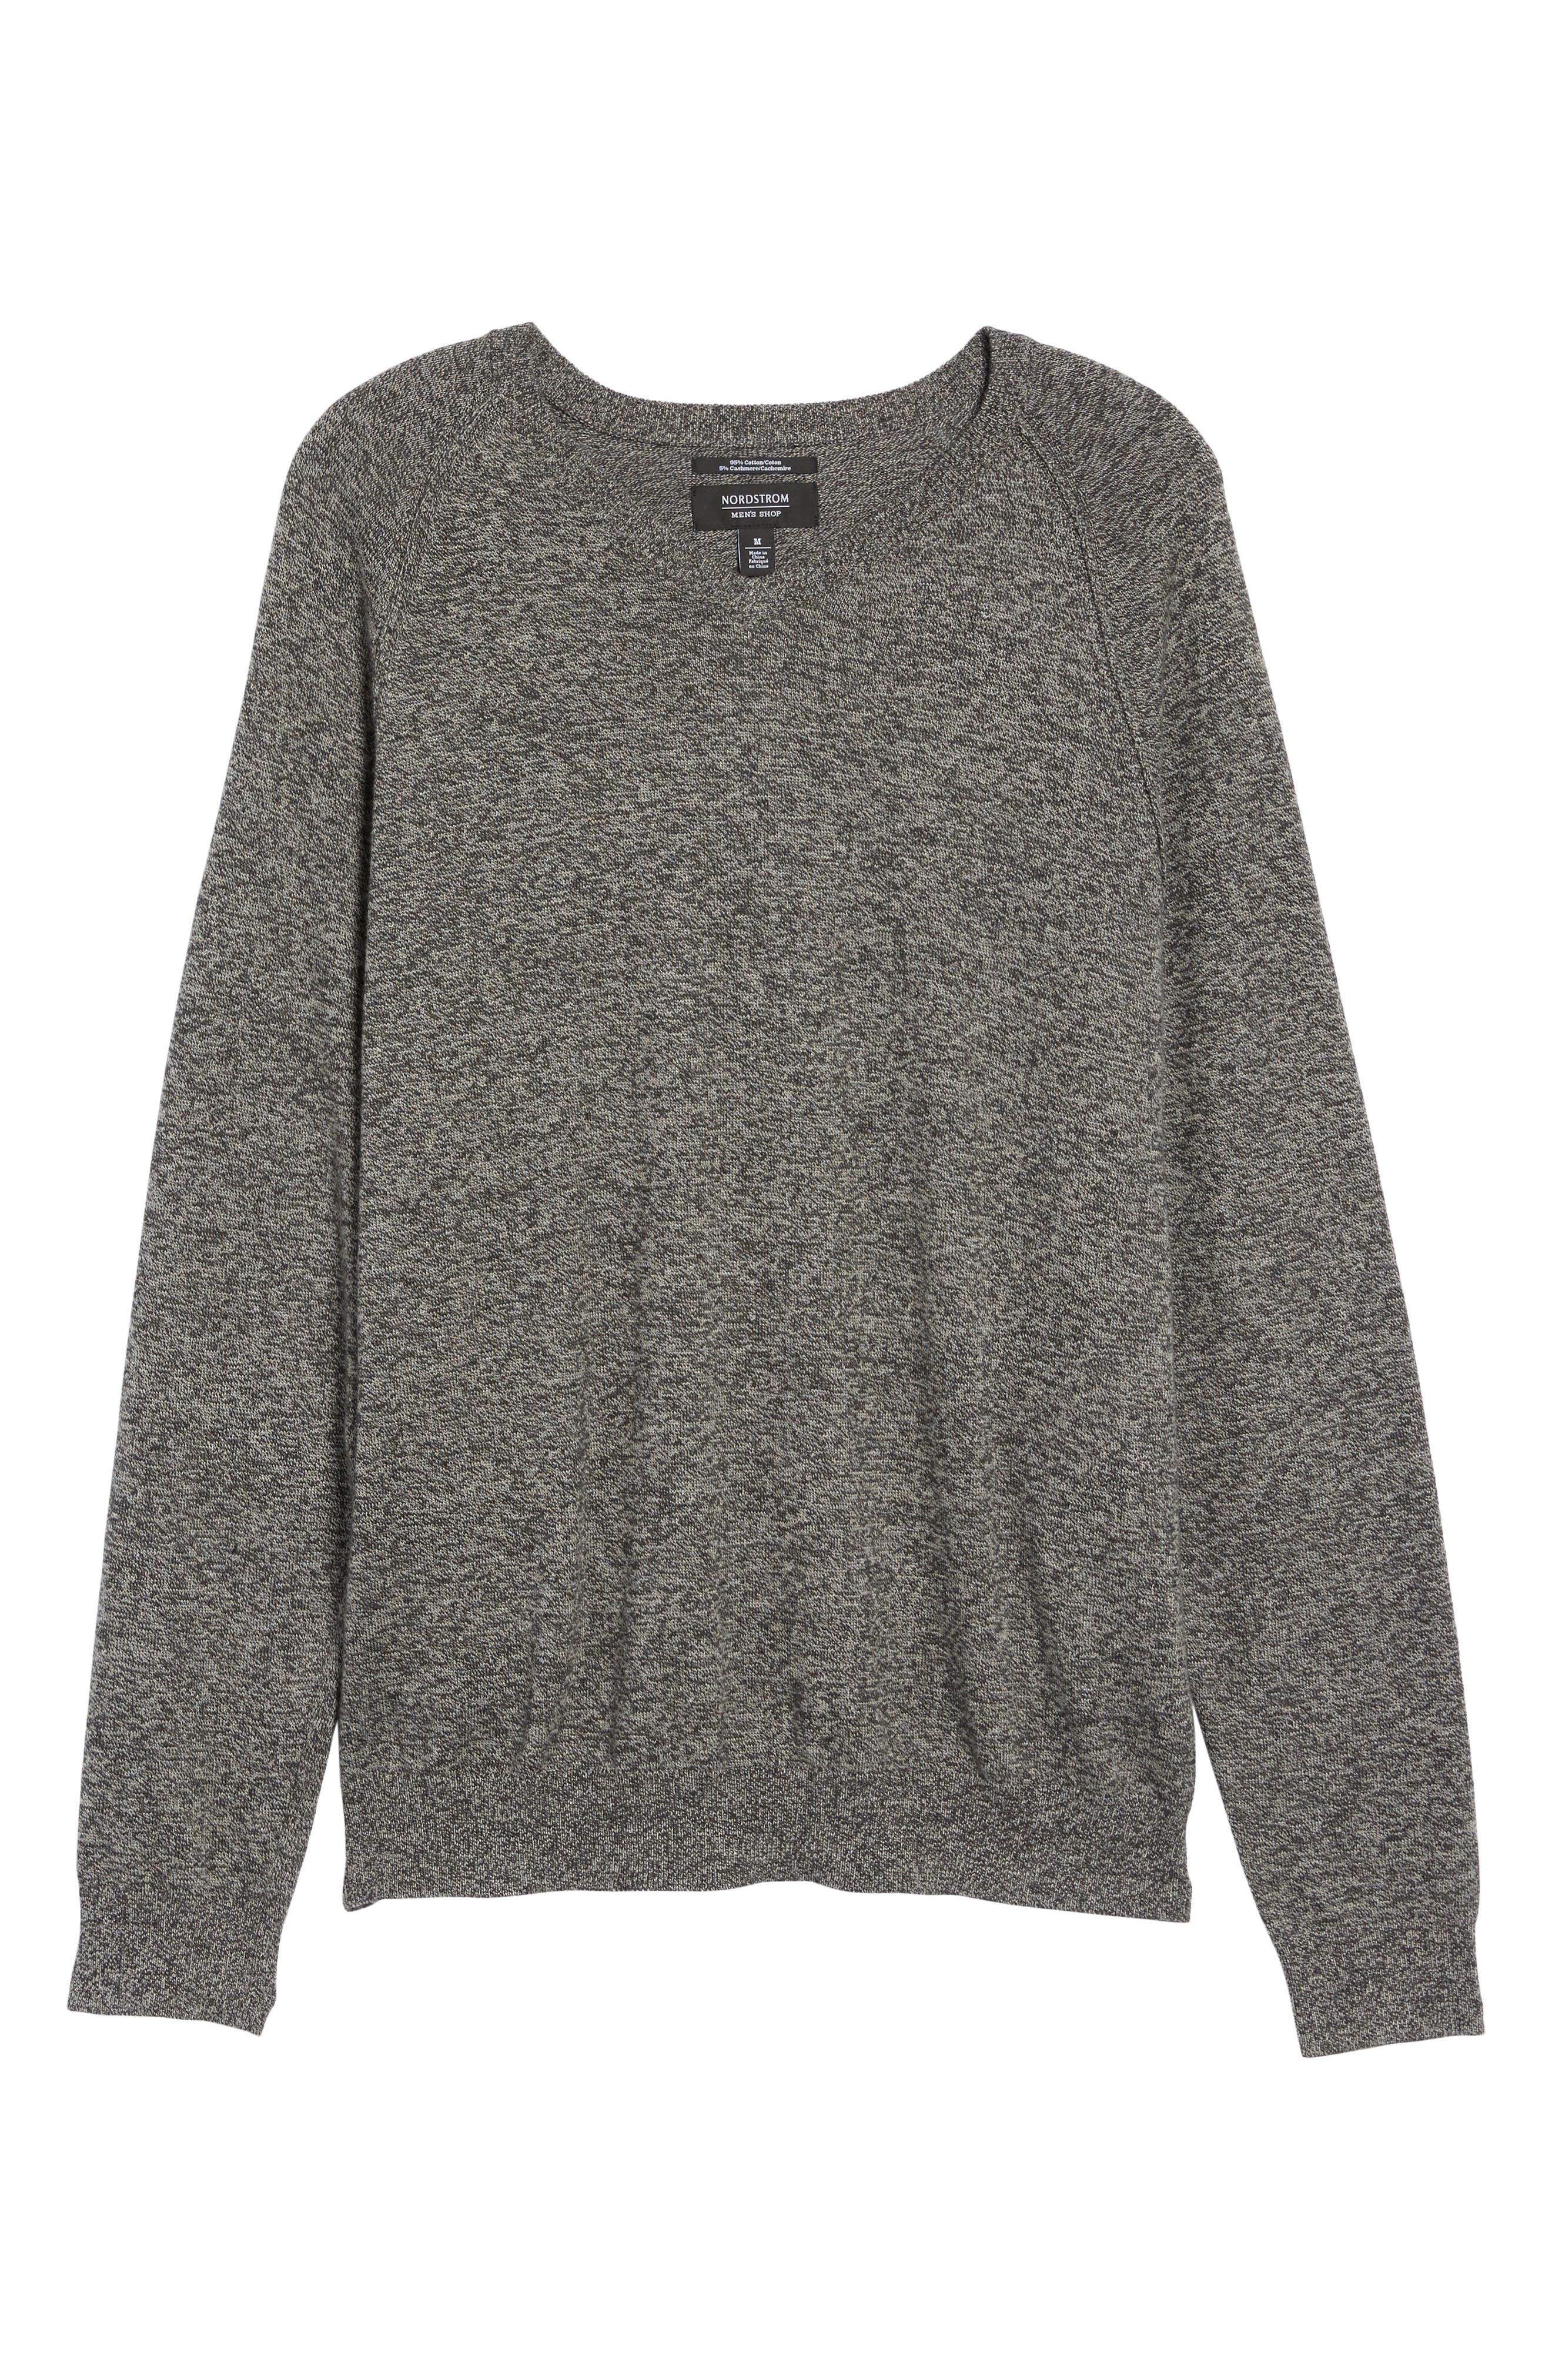 Saddle Shoulder Cotton & Cashmere V-Neck Sweater,                             Alternate thumbnail 42, color,